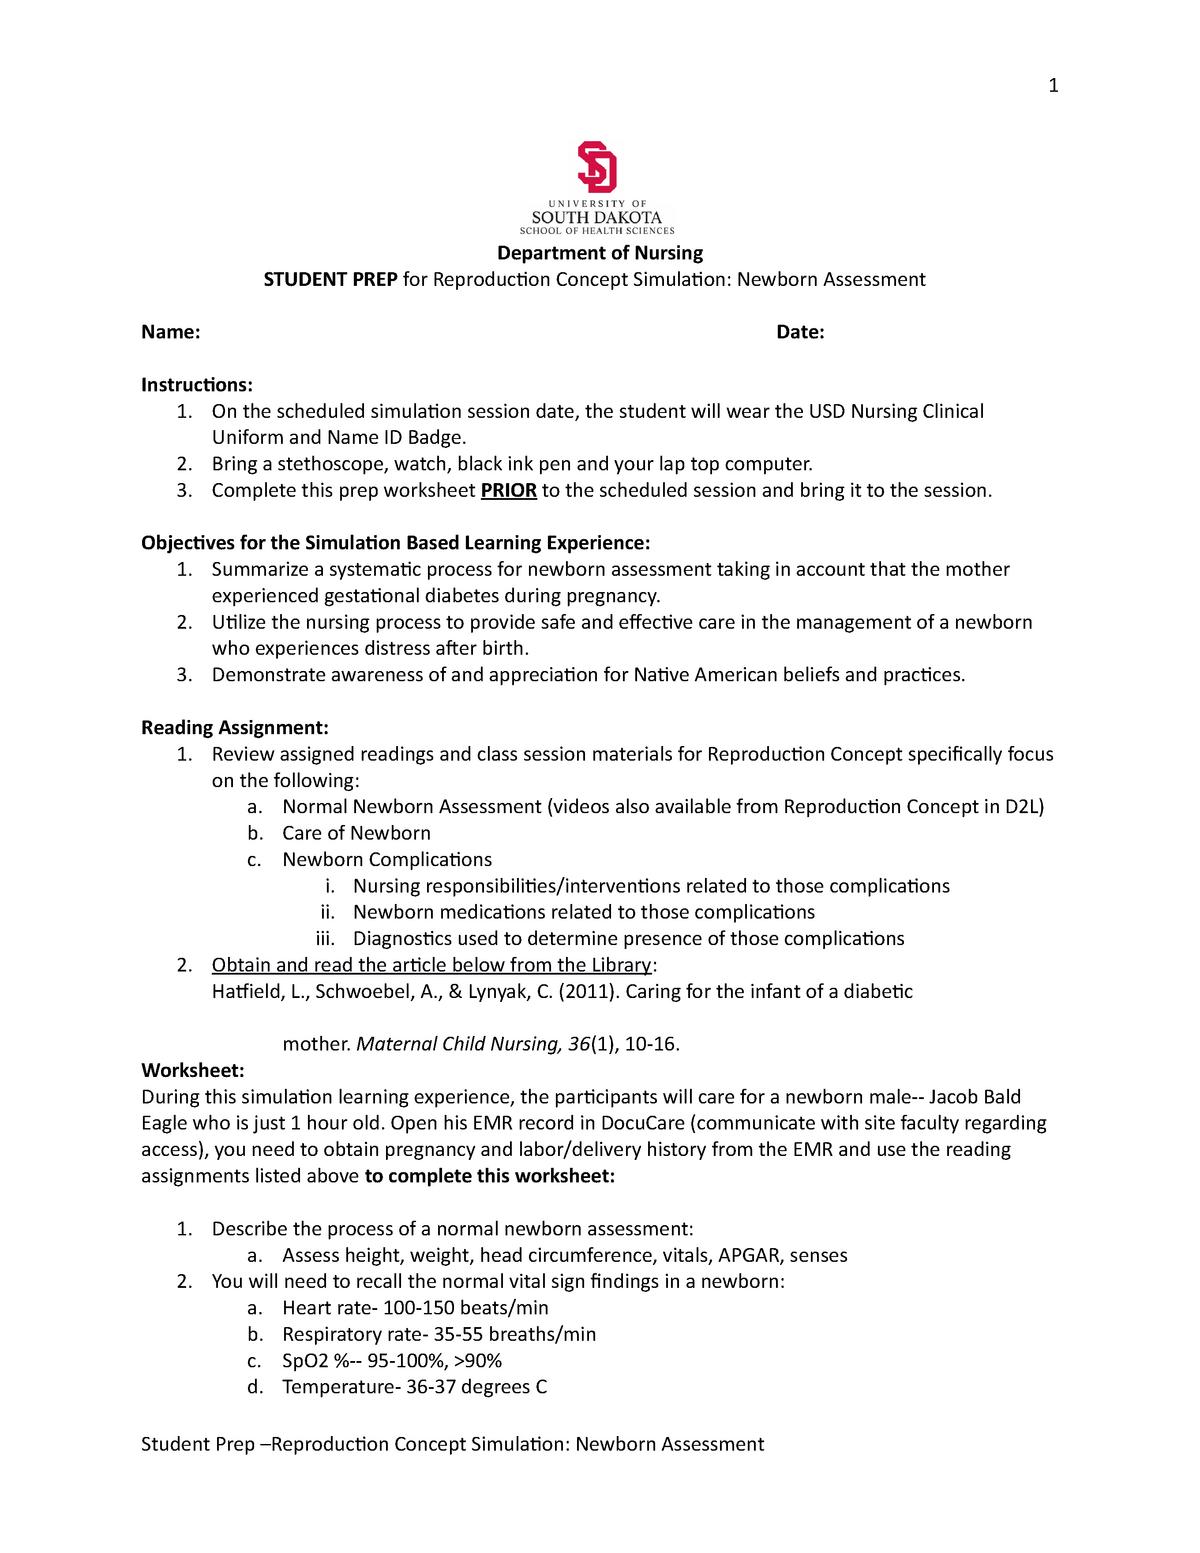 Student Prep Reproduction Concept Newborn Assessment - NURS 330